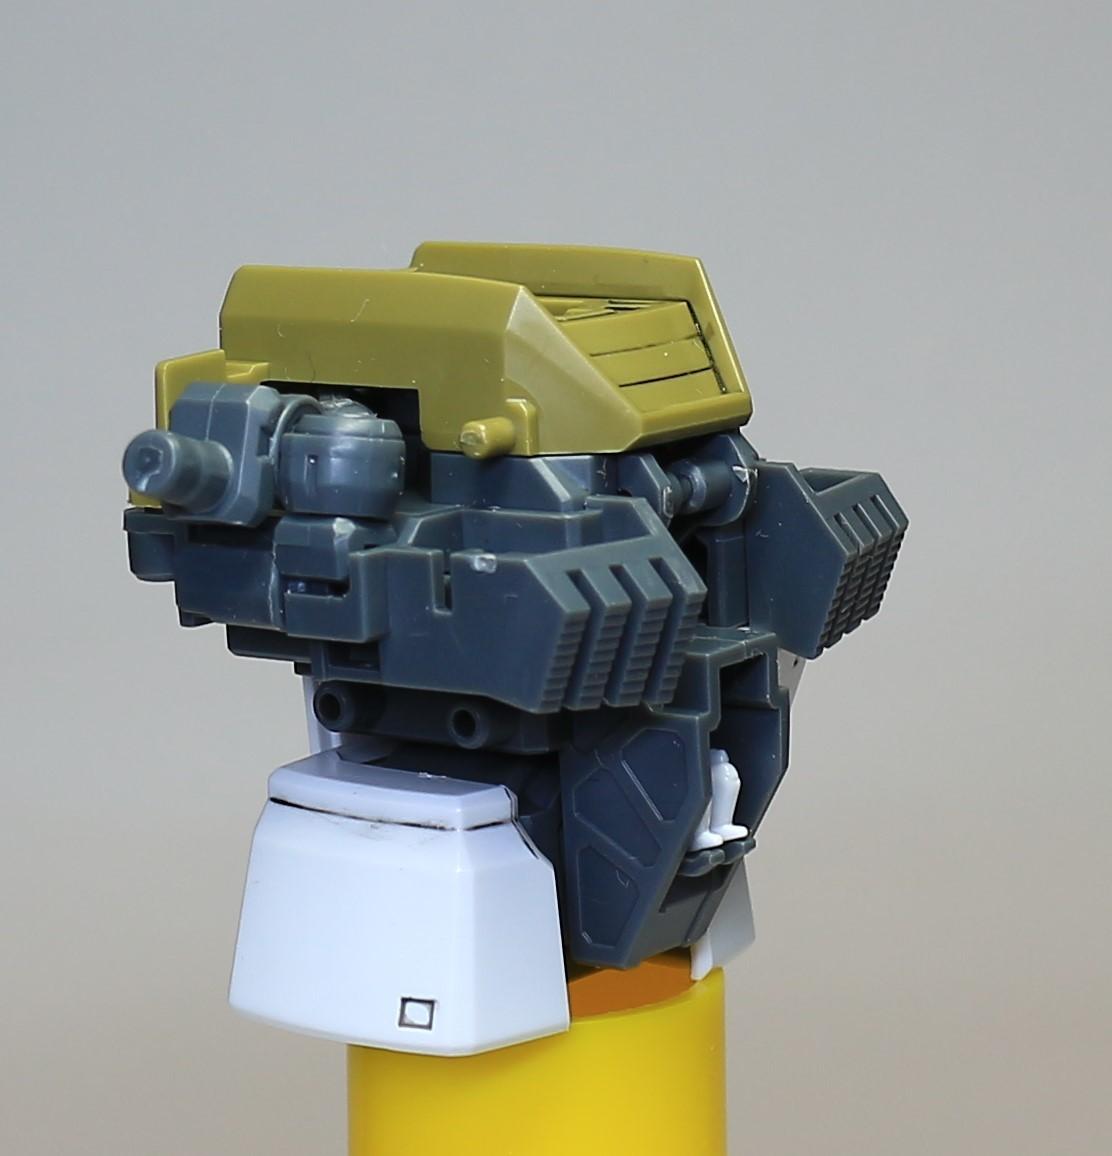 MG-GM_SNIPER_CUSTOM-31.jpg